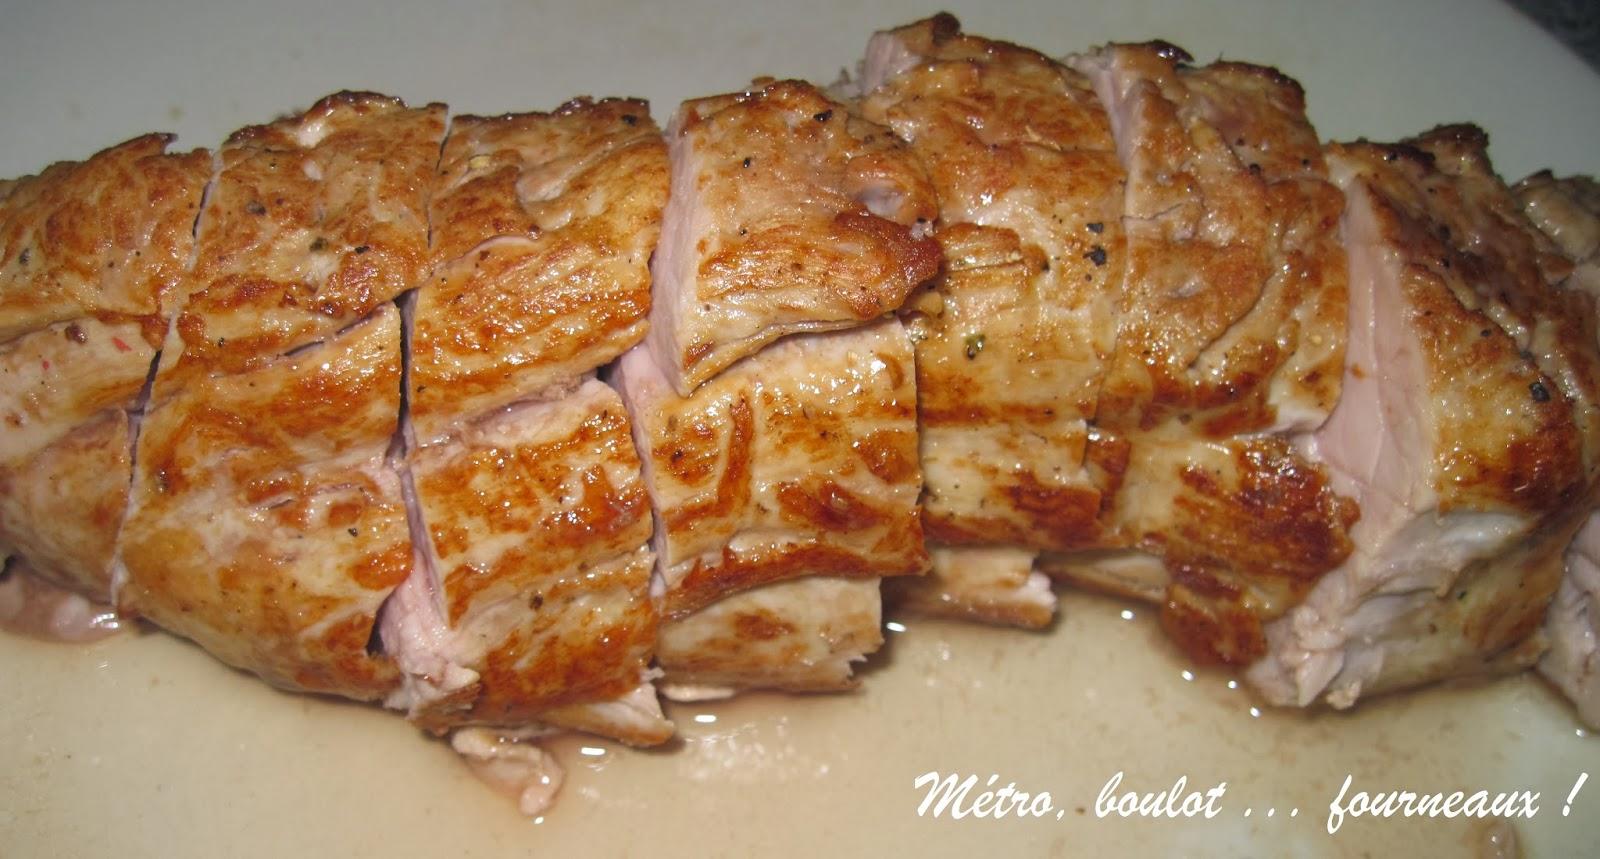 Filet mignon de porc en cuisson basse temp rature et sa - Cuisiner filet mignon de porc ...